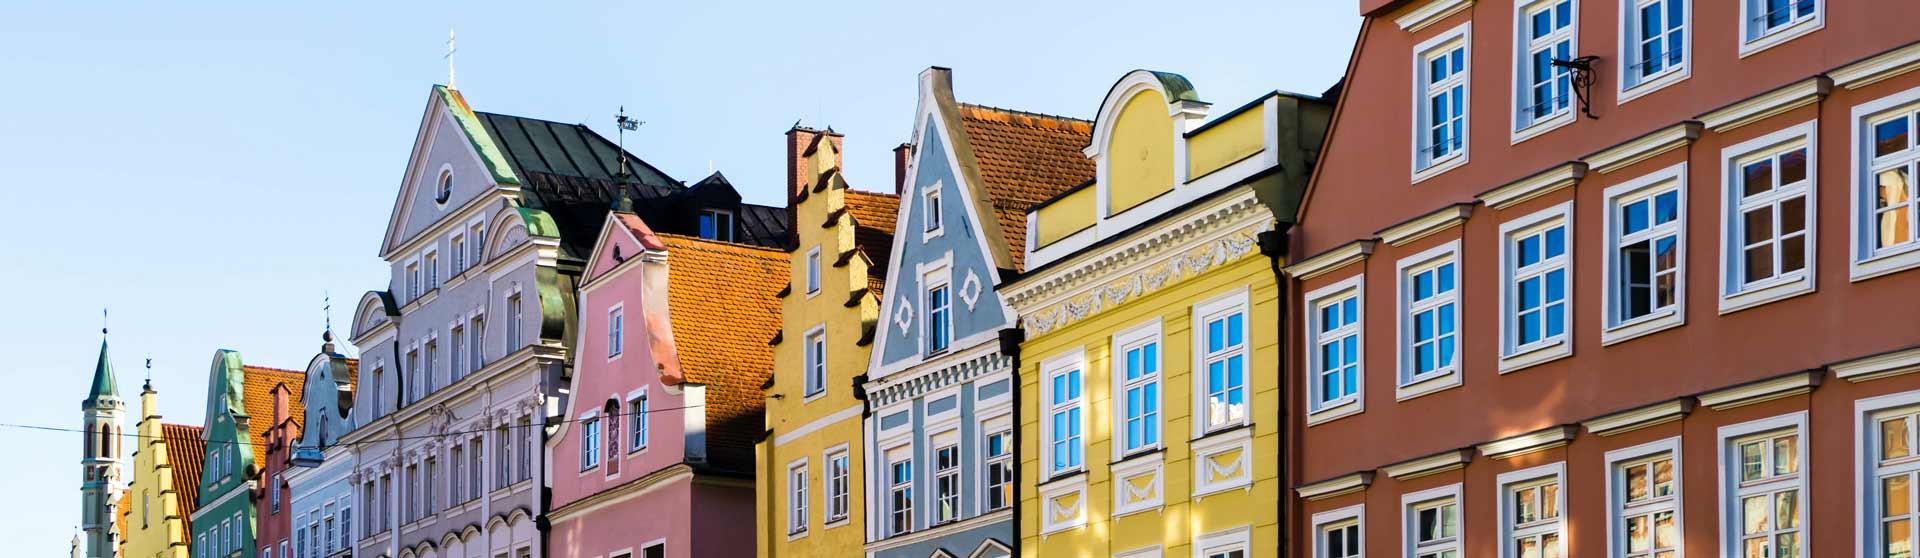 Fassadenanstrich - Malerbetrieb Huber in Landshut